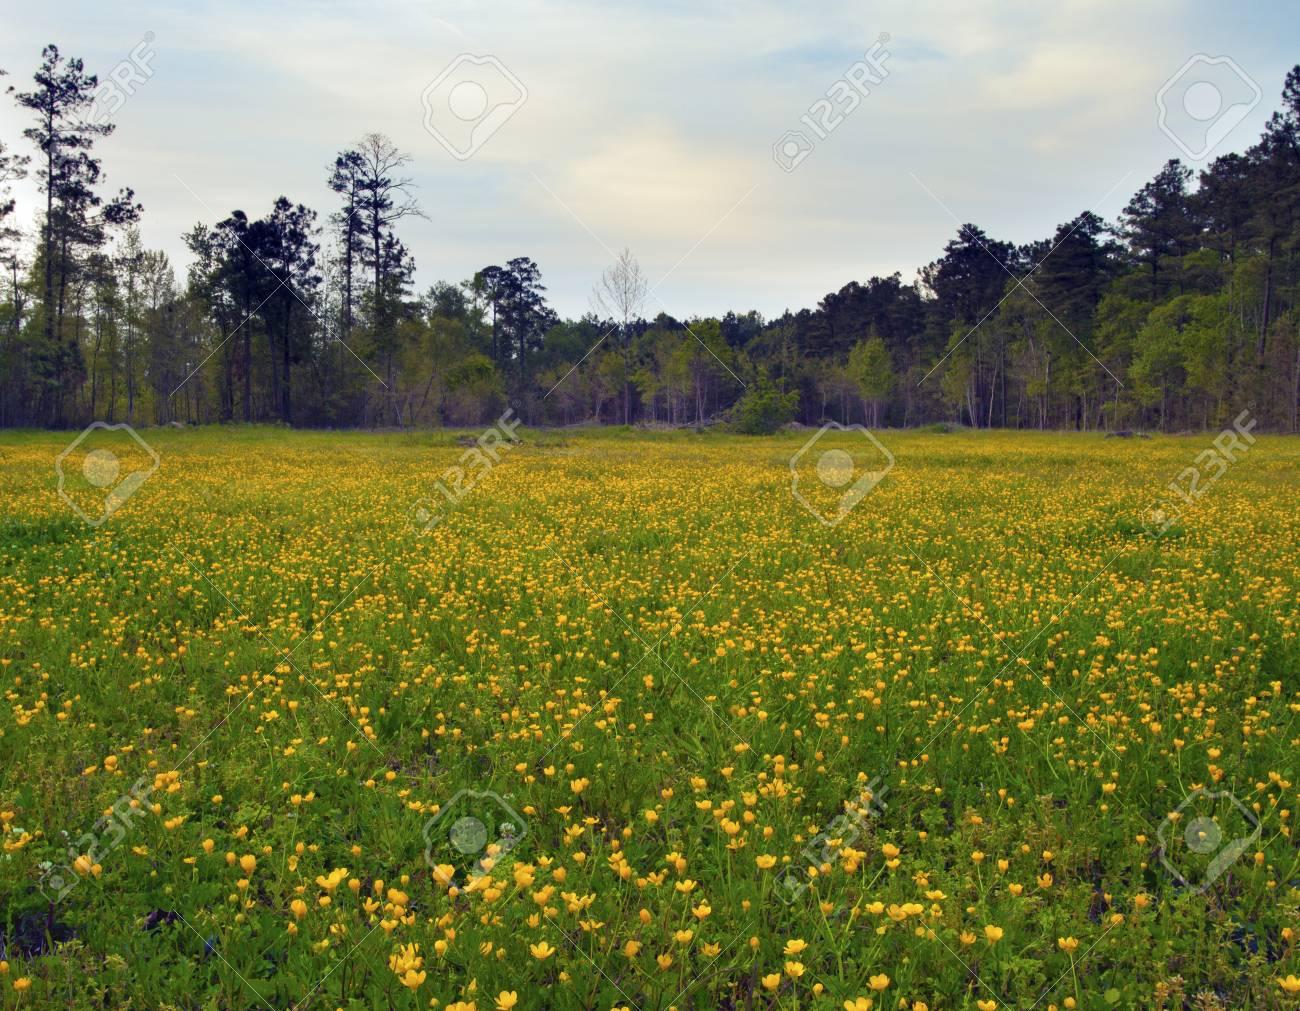 Fiori Gialli Da Campo.Immagini Stock Il Campo E Costeggiato Da Alberi Che E In